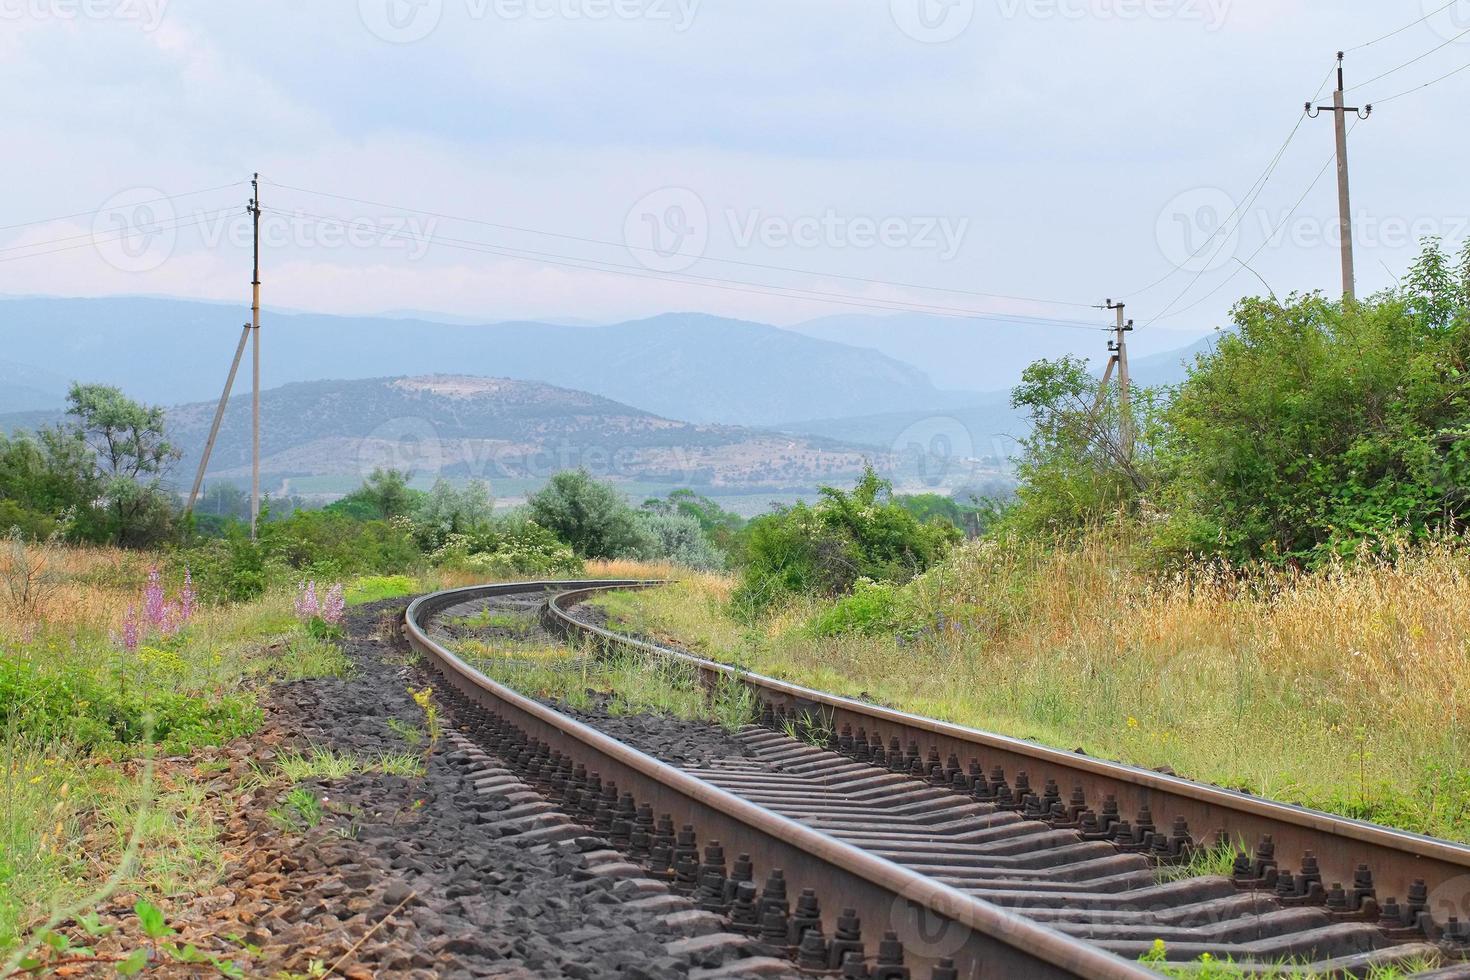 vista dei binari della ferrovia foto